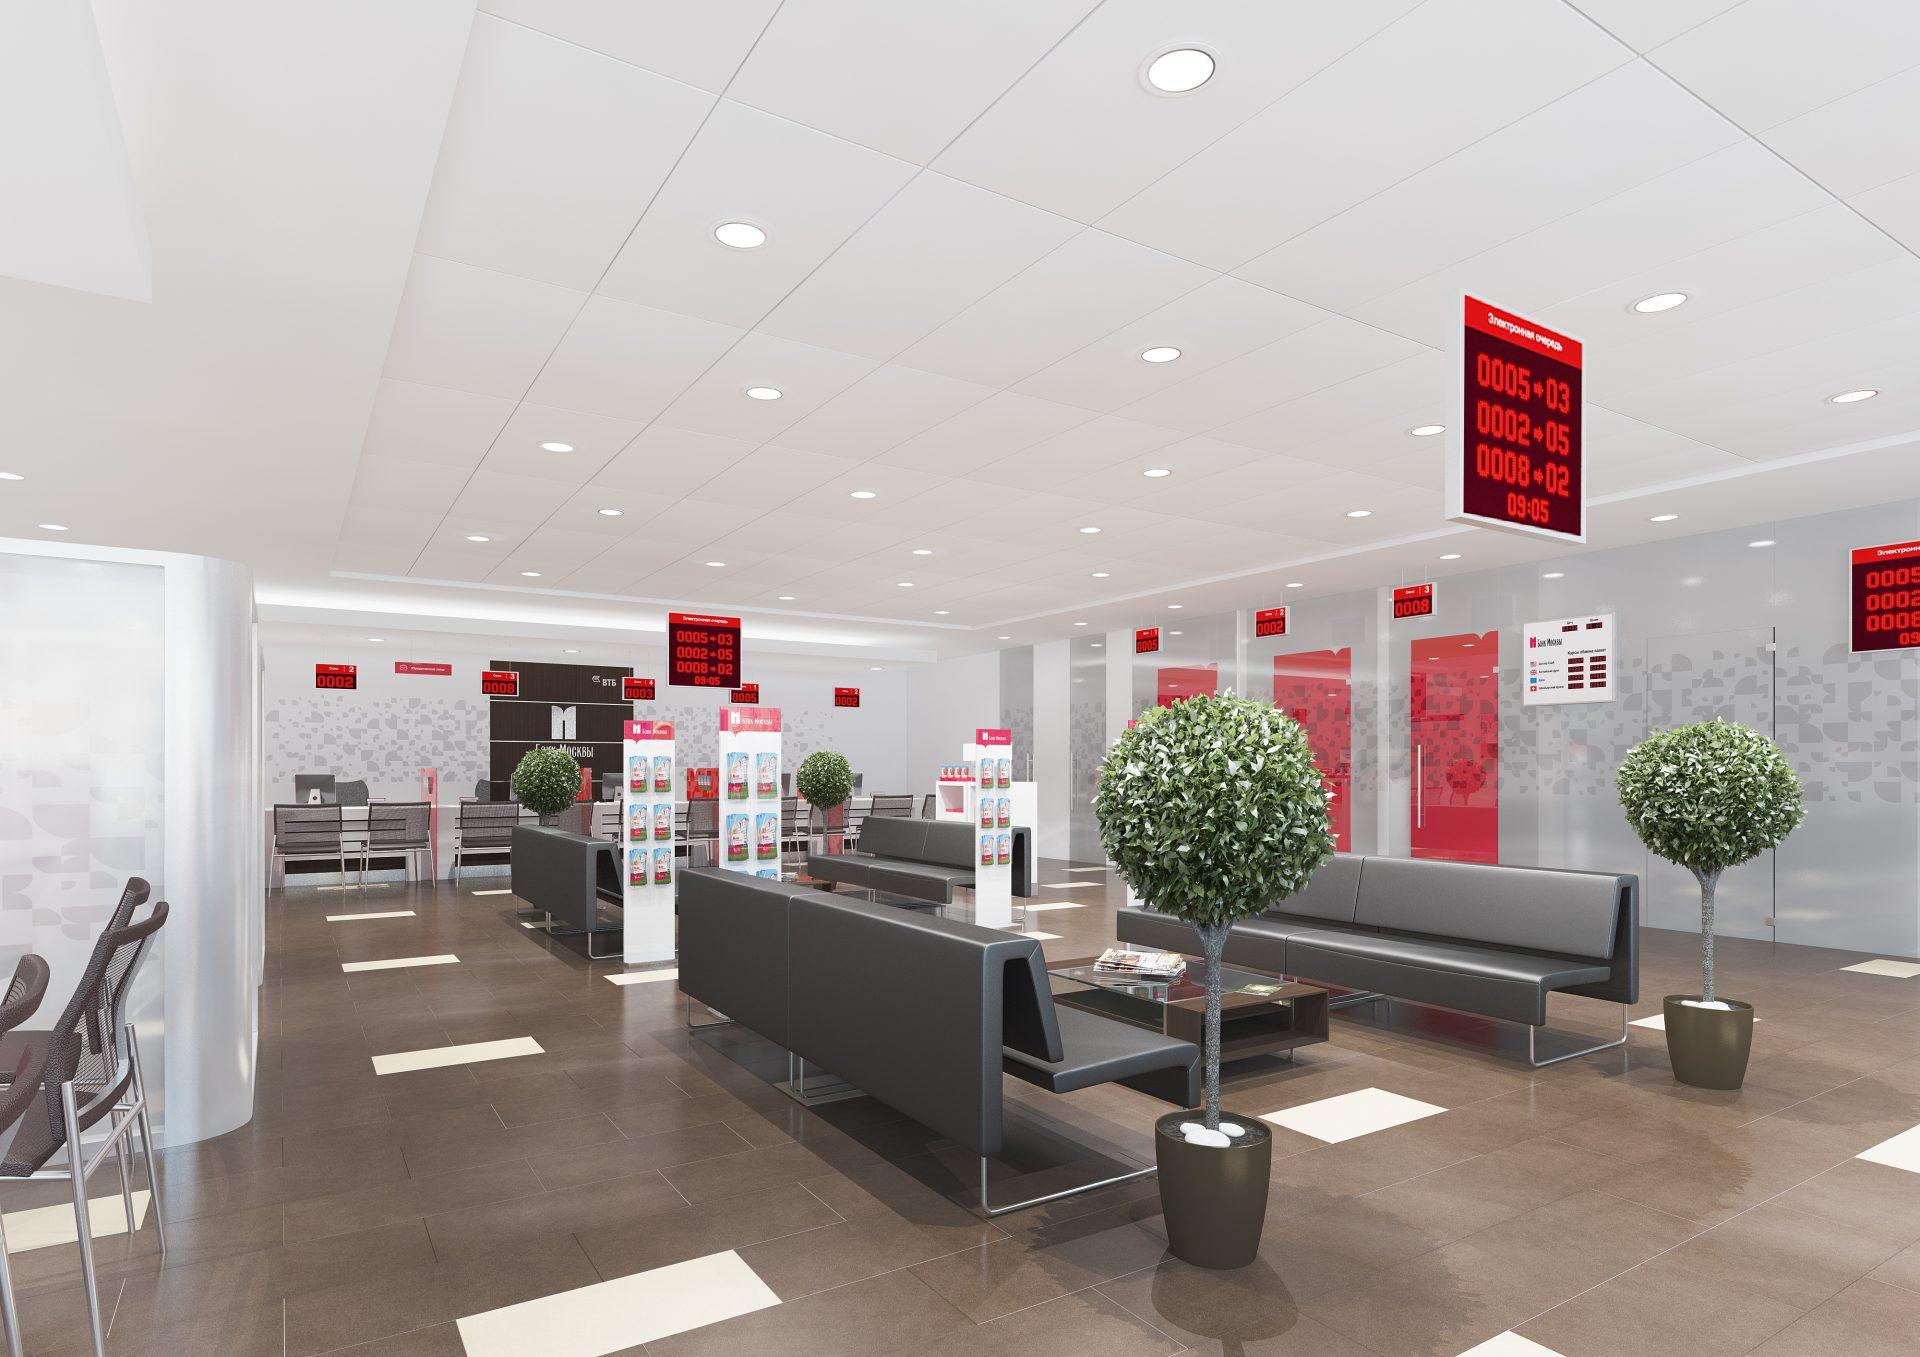 Визуализация интерьера Банка Москвы. Главный зал